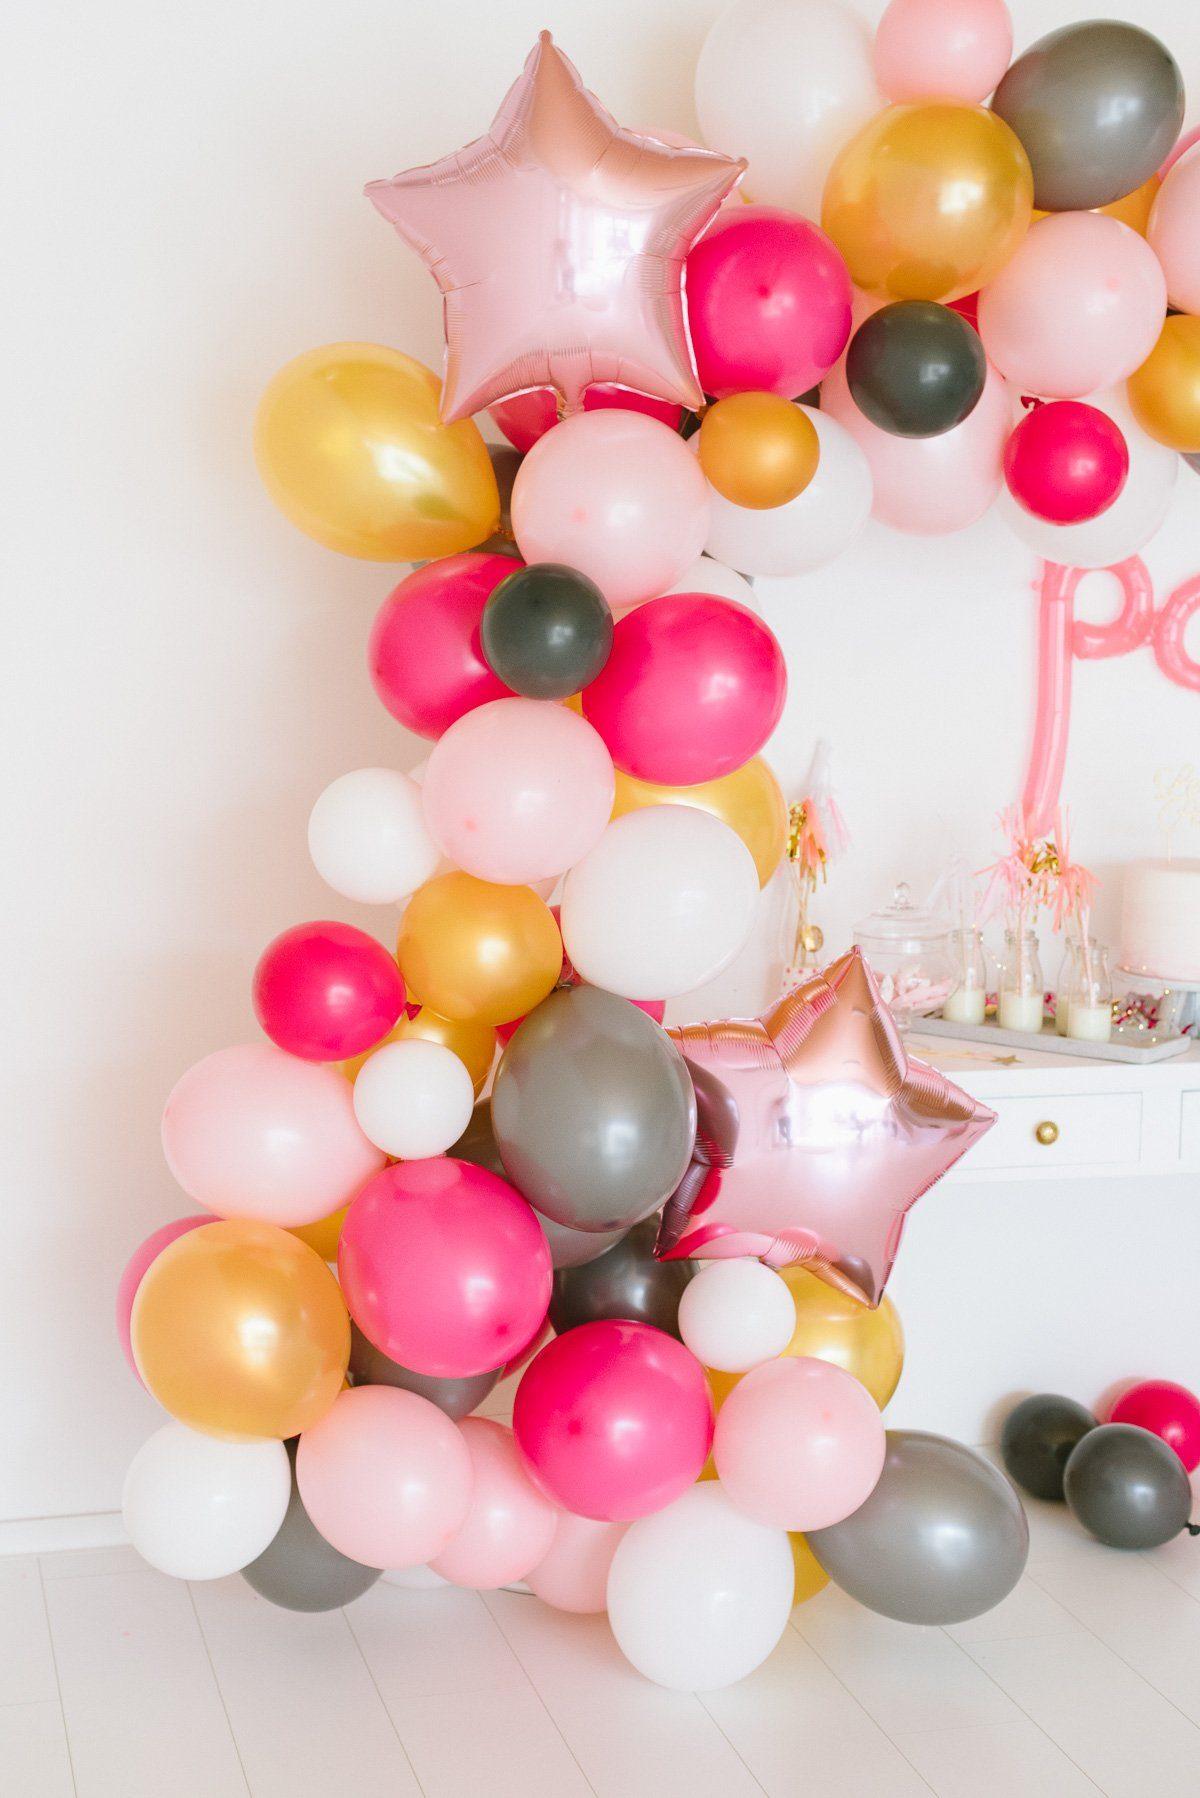 Schritt für Schritt DIY Anleitung für die Luftballon Girlande im Handumdrehen. Inkl. Einkaufsliste - für den Hingucker auf eurer Party